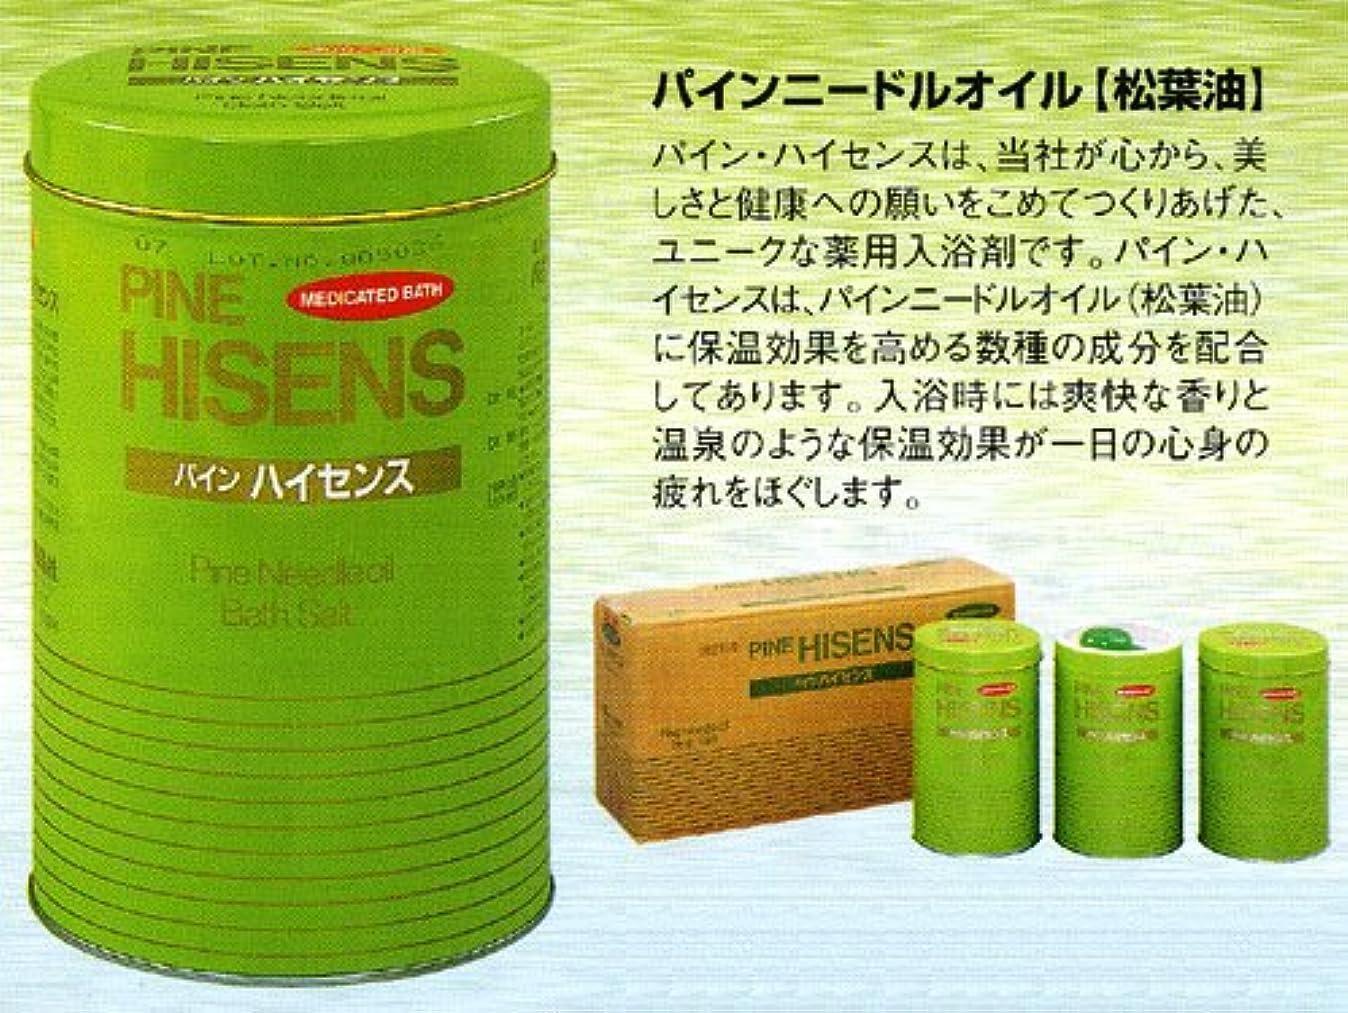 潜む観察する泳ぐ高陽社 薬用入浴剤 パインハイセンス 2.1kg 3缶セット